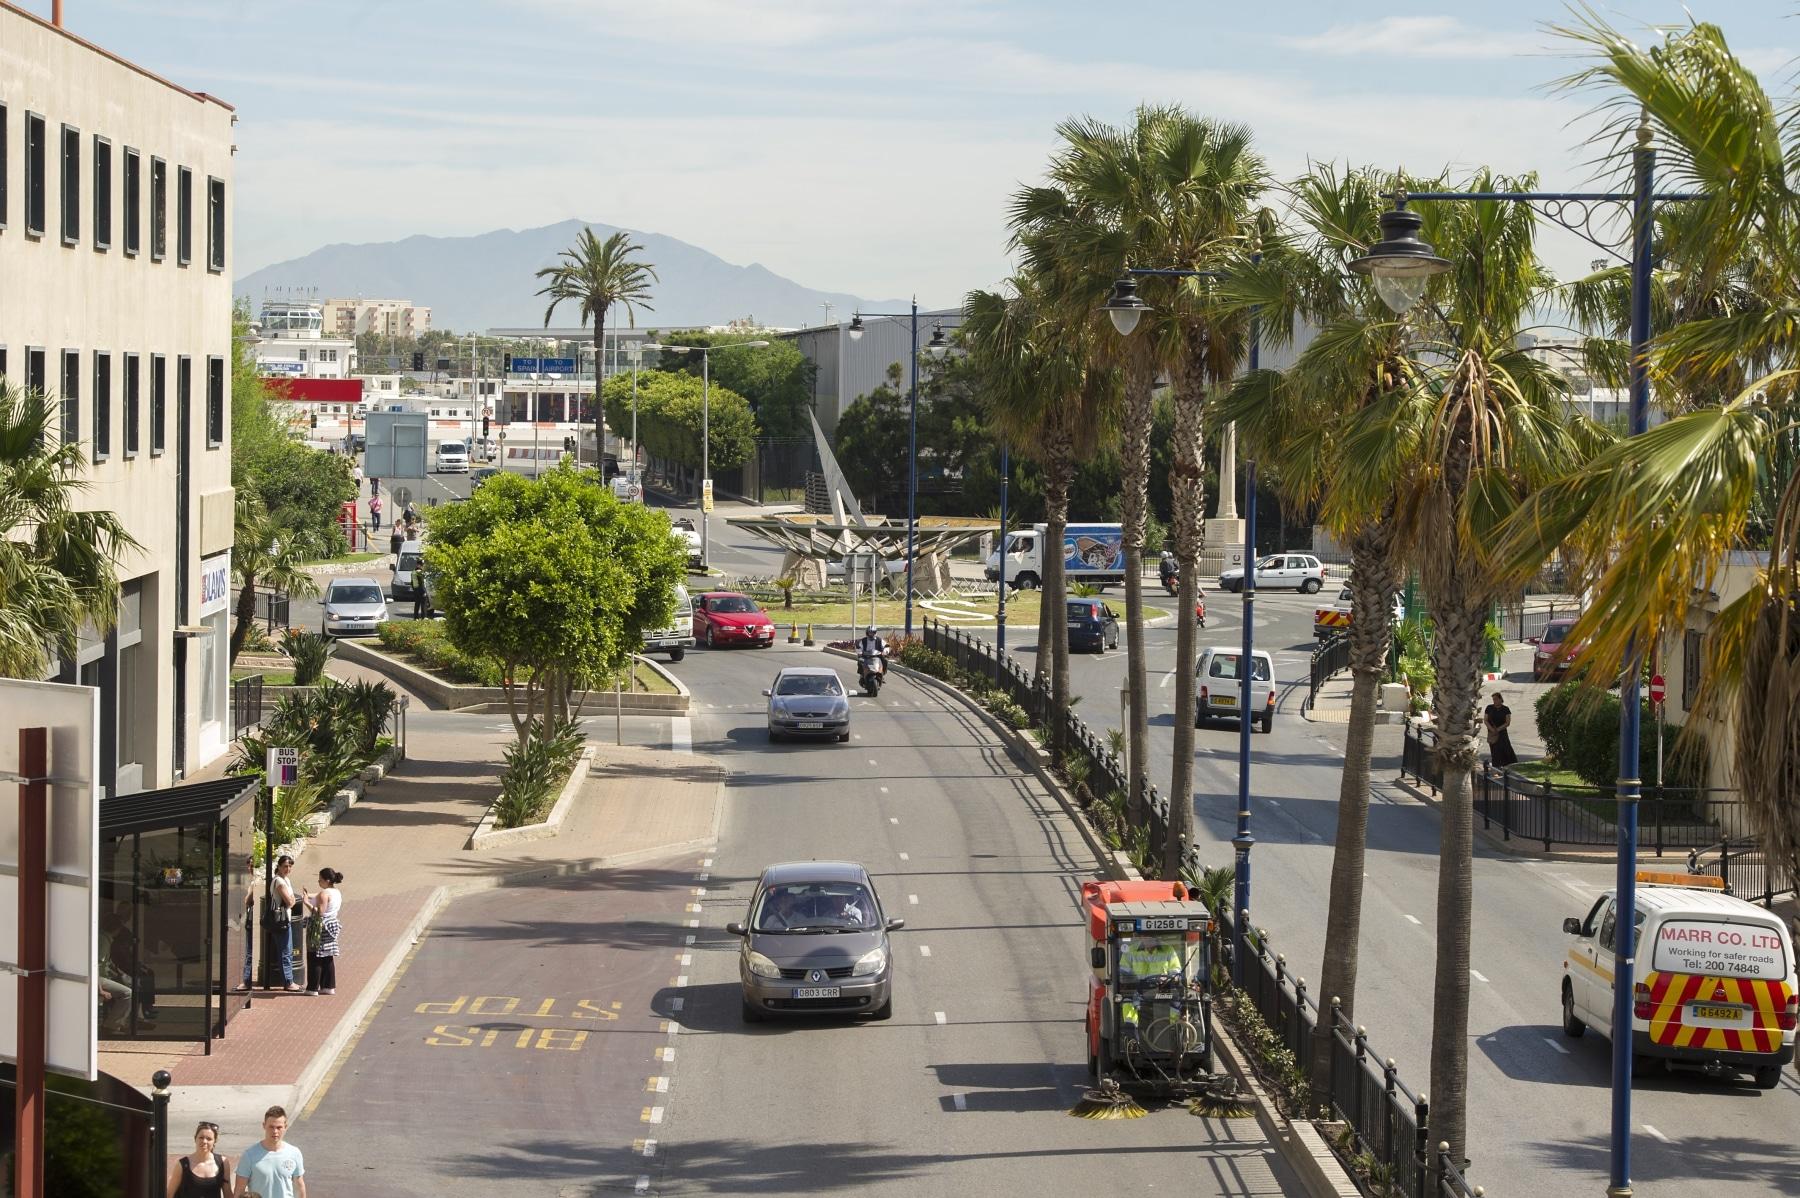 paisajes-urbanos-gibraltar-08_9222277731_o